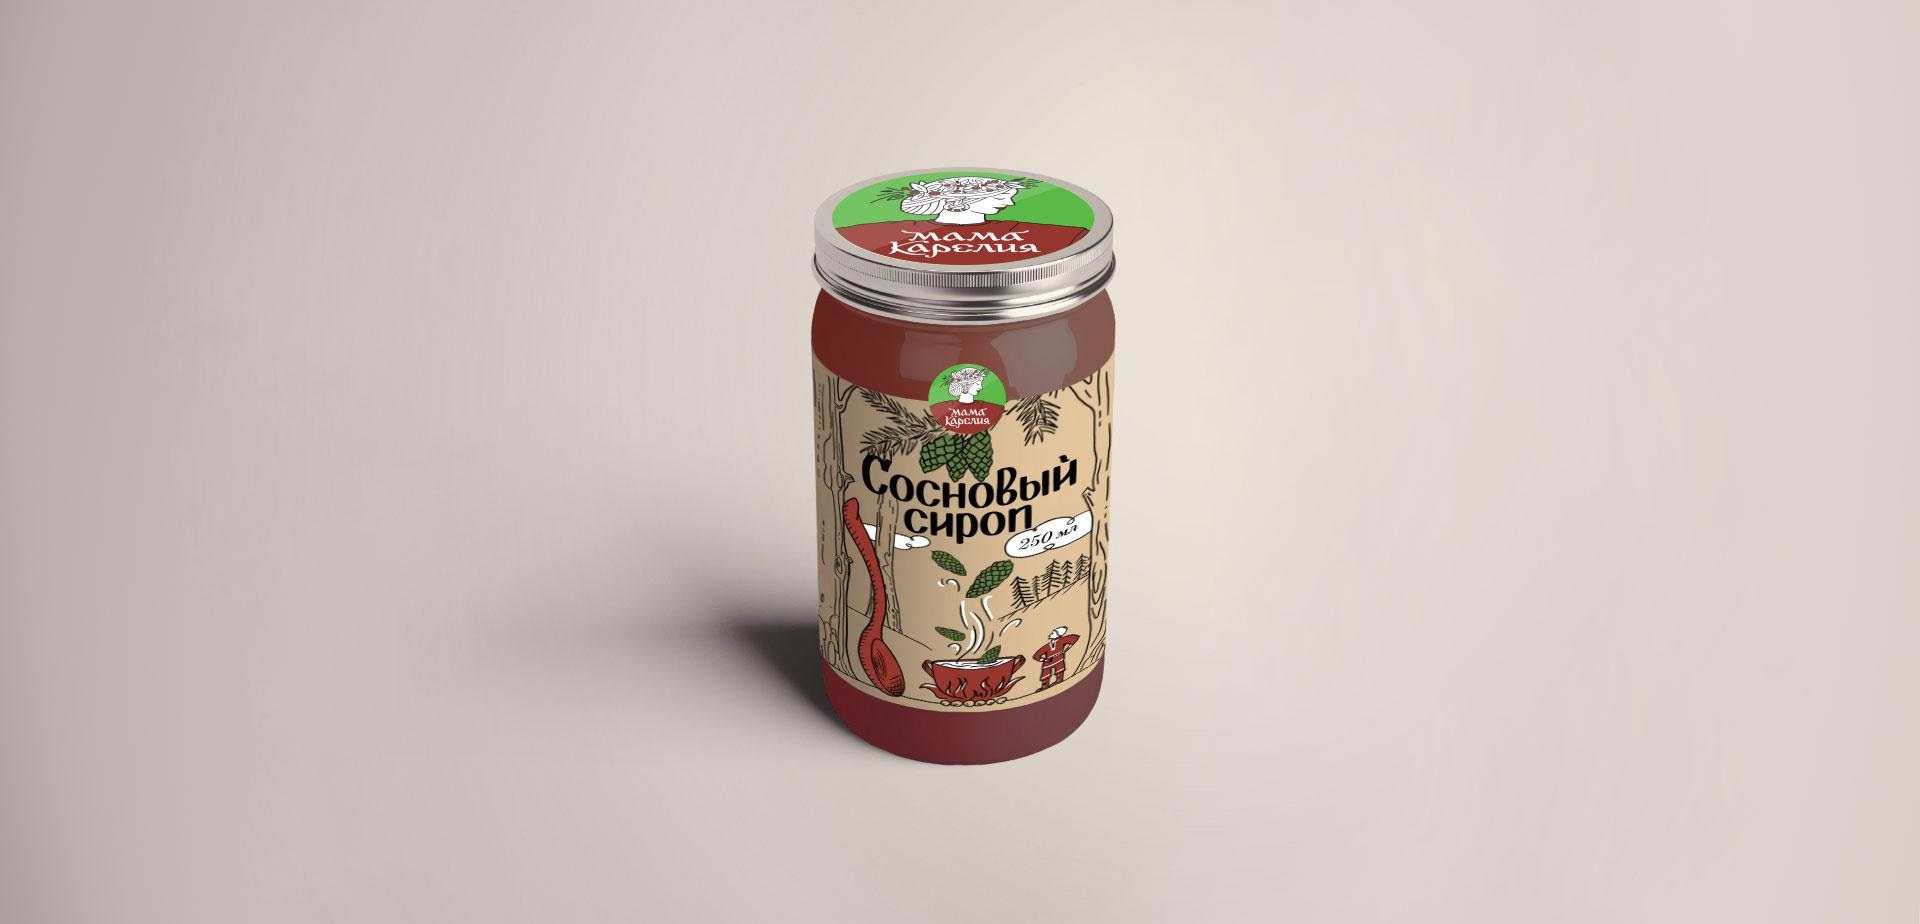 Упаковка Сосновый сироп Мама Карелия